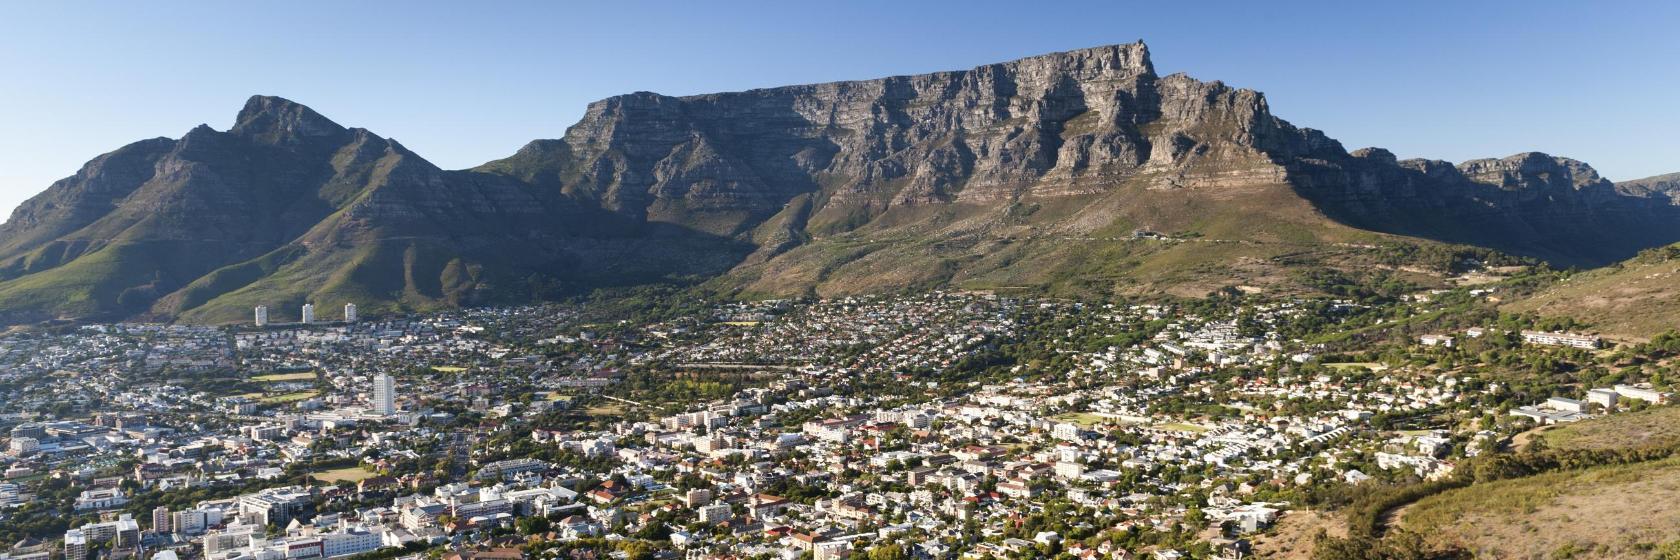 Cape Town (کیپ تاون)